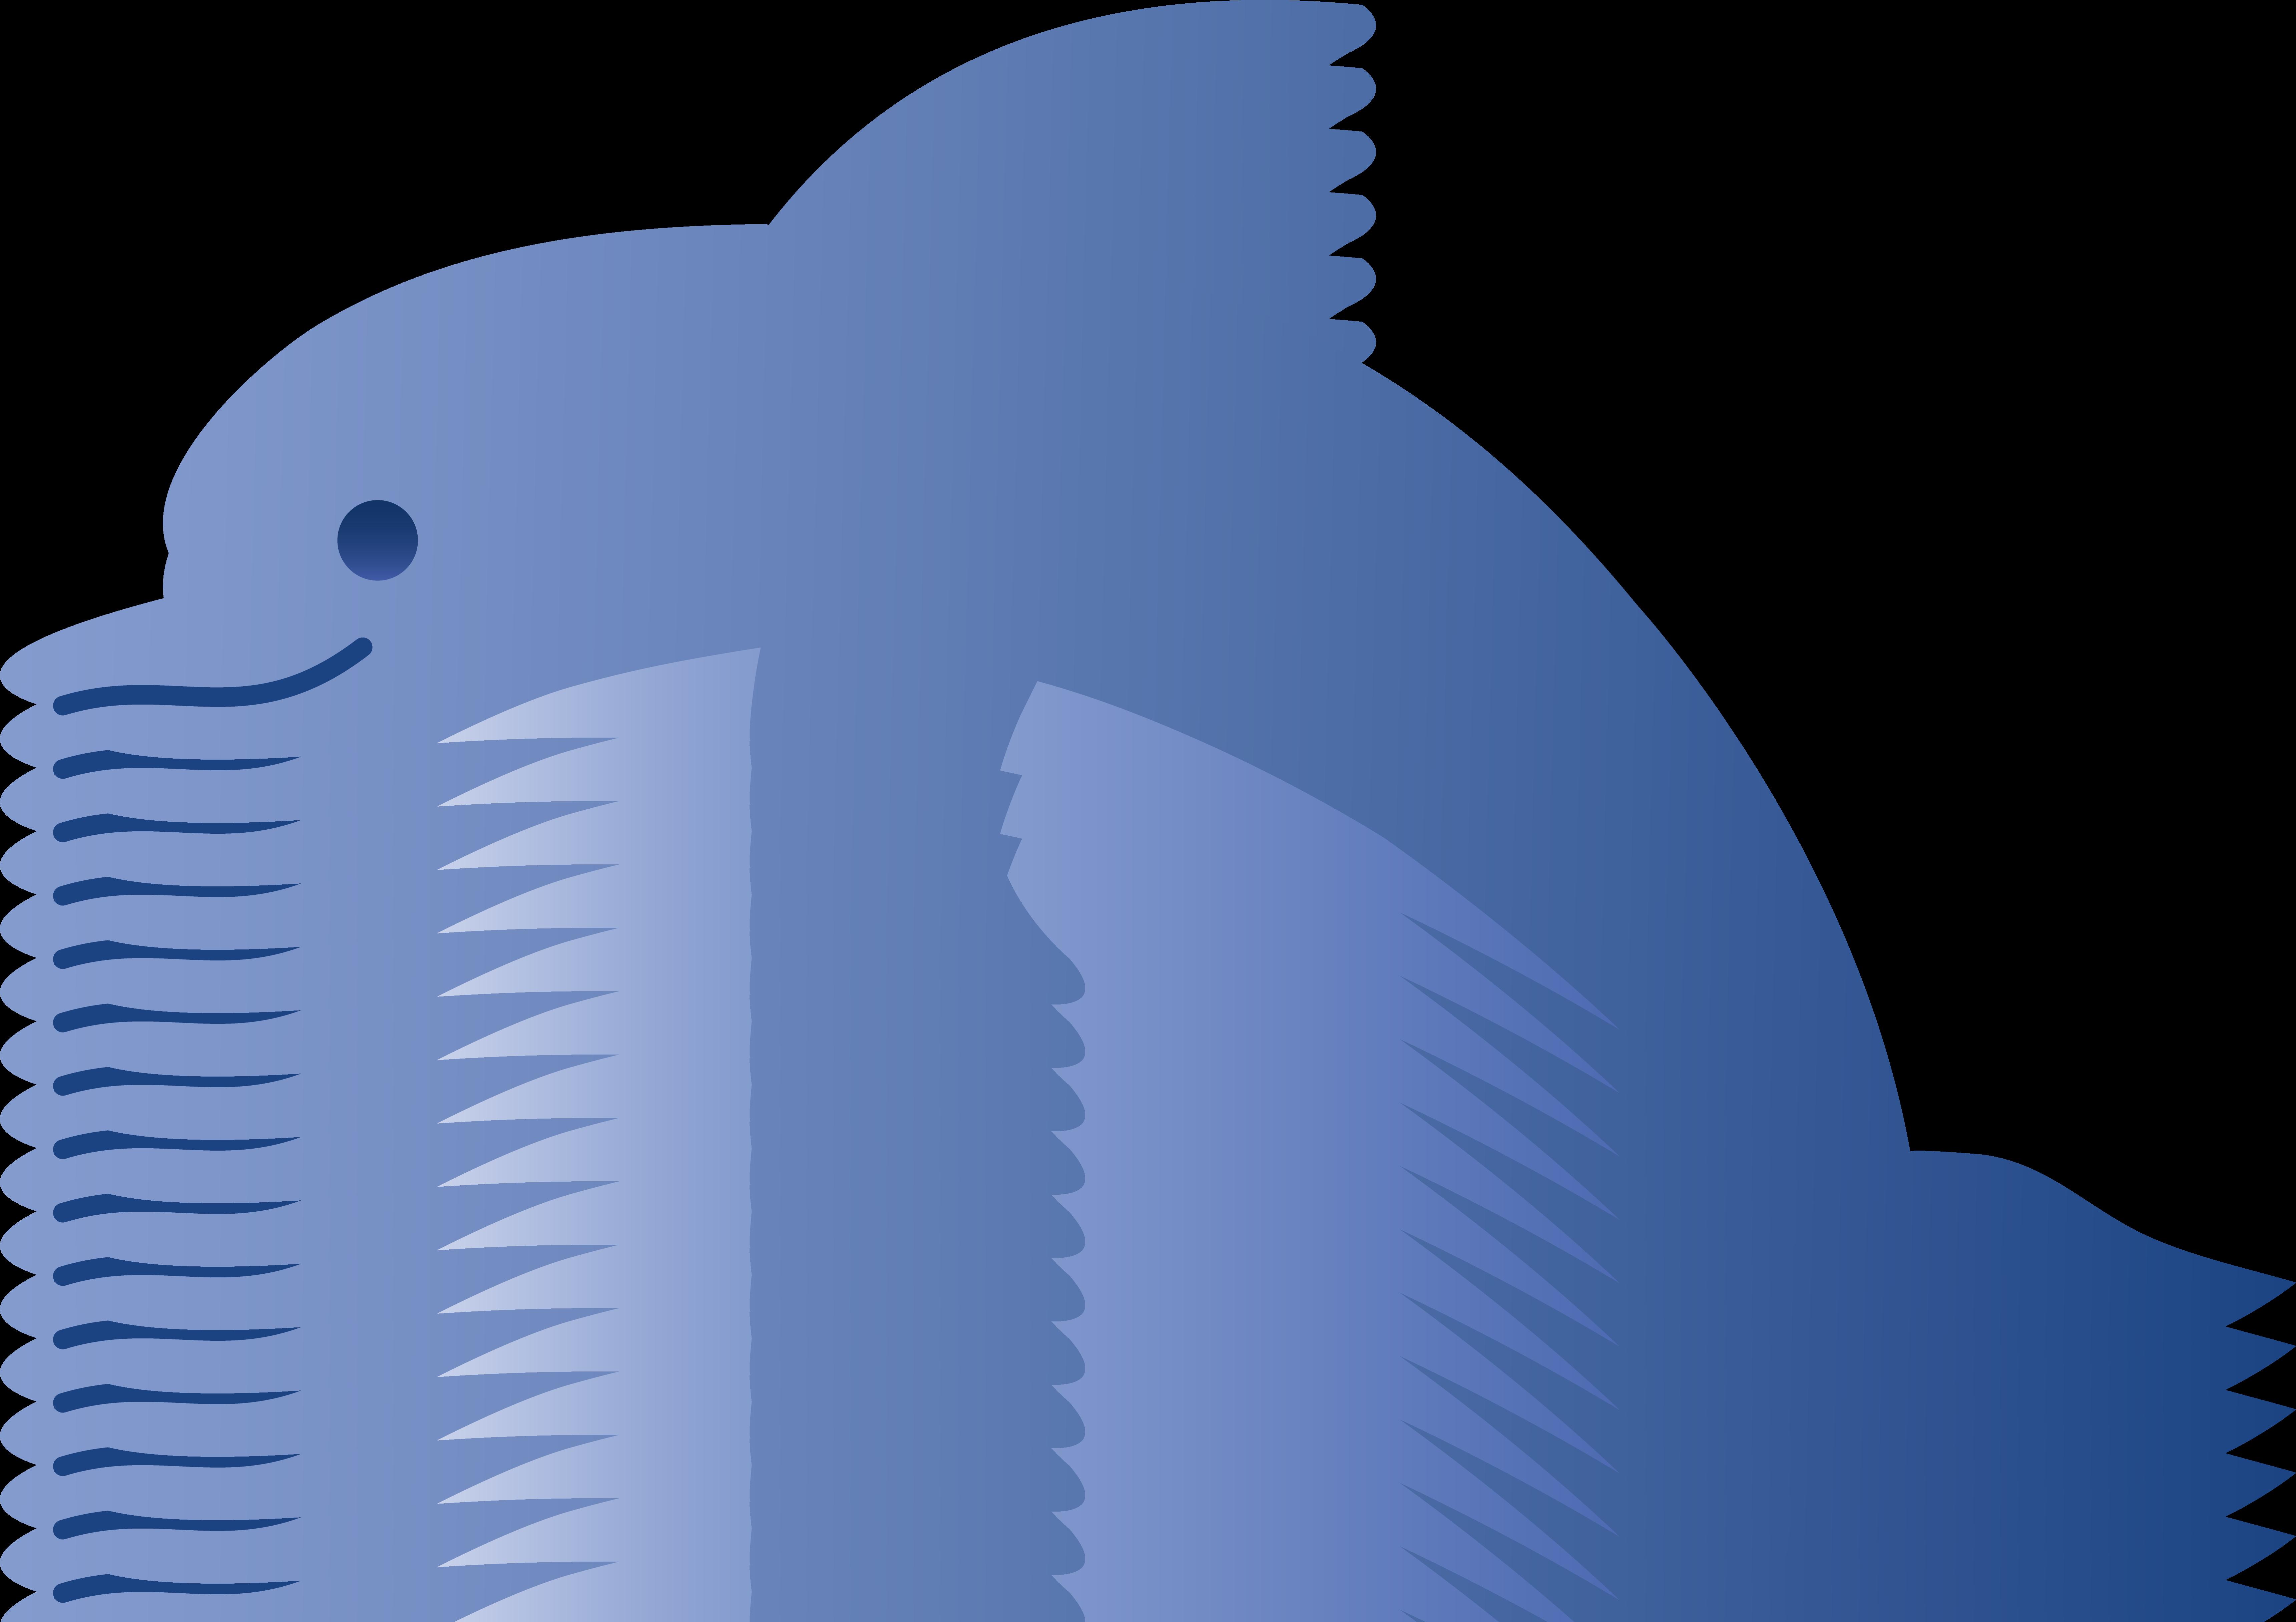 Clipart dolphin. Cute blue free clip